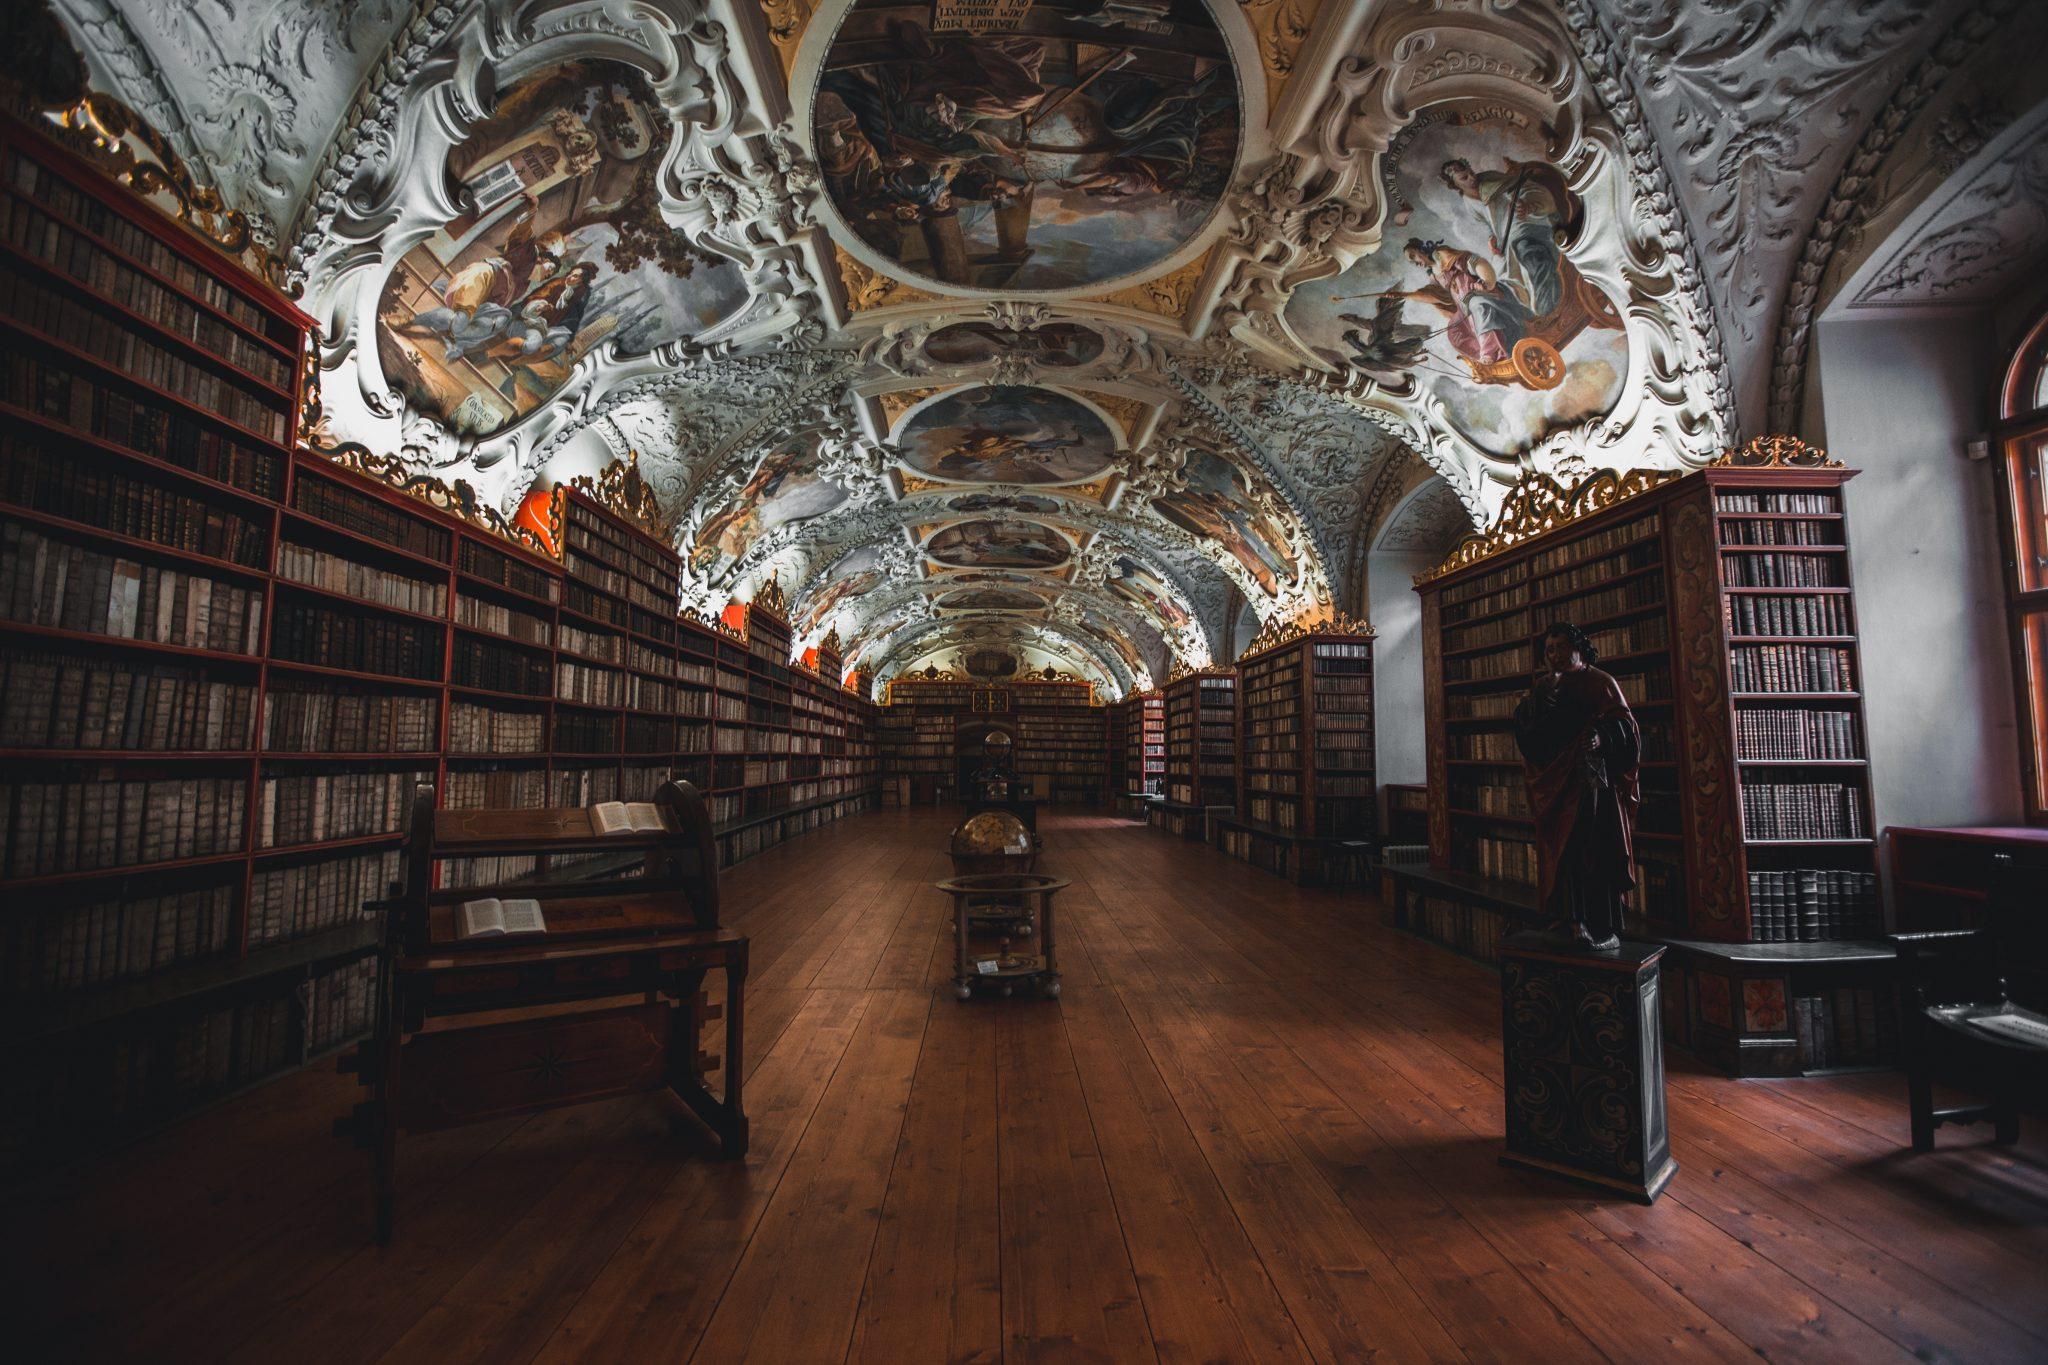 Una biblioteca, dove si svolge gran parte della ricerca universitaria